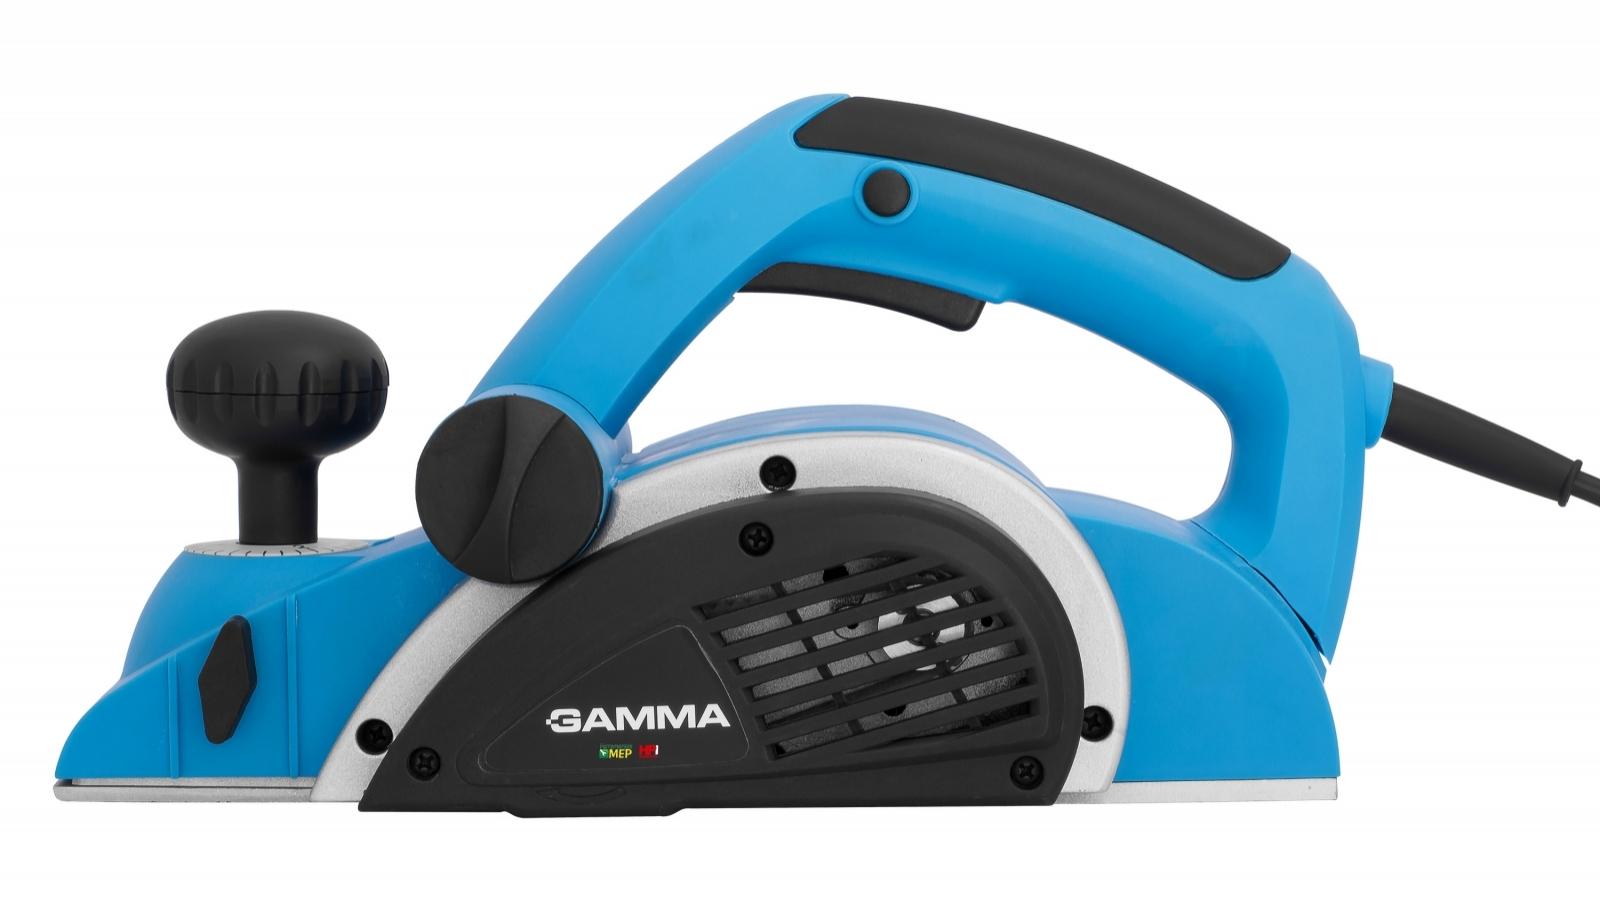 Plaina Elétrica Gamma P/ Madeiras Uso Profissional 900w Pg2 220v - Ferramentas MEP